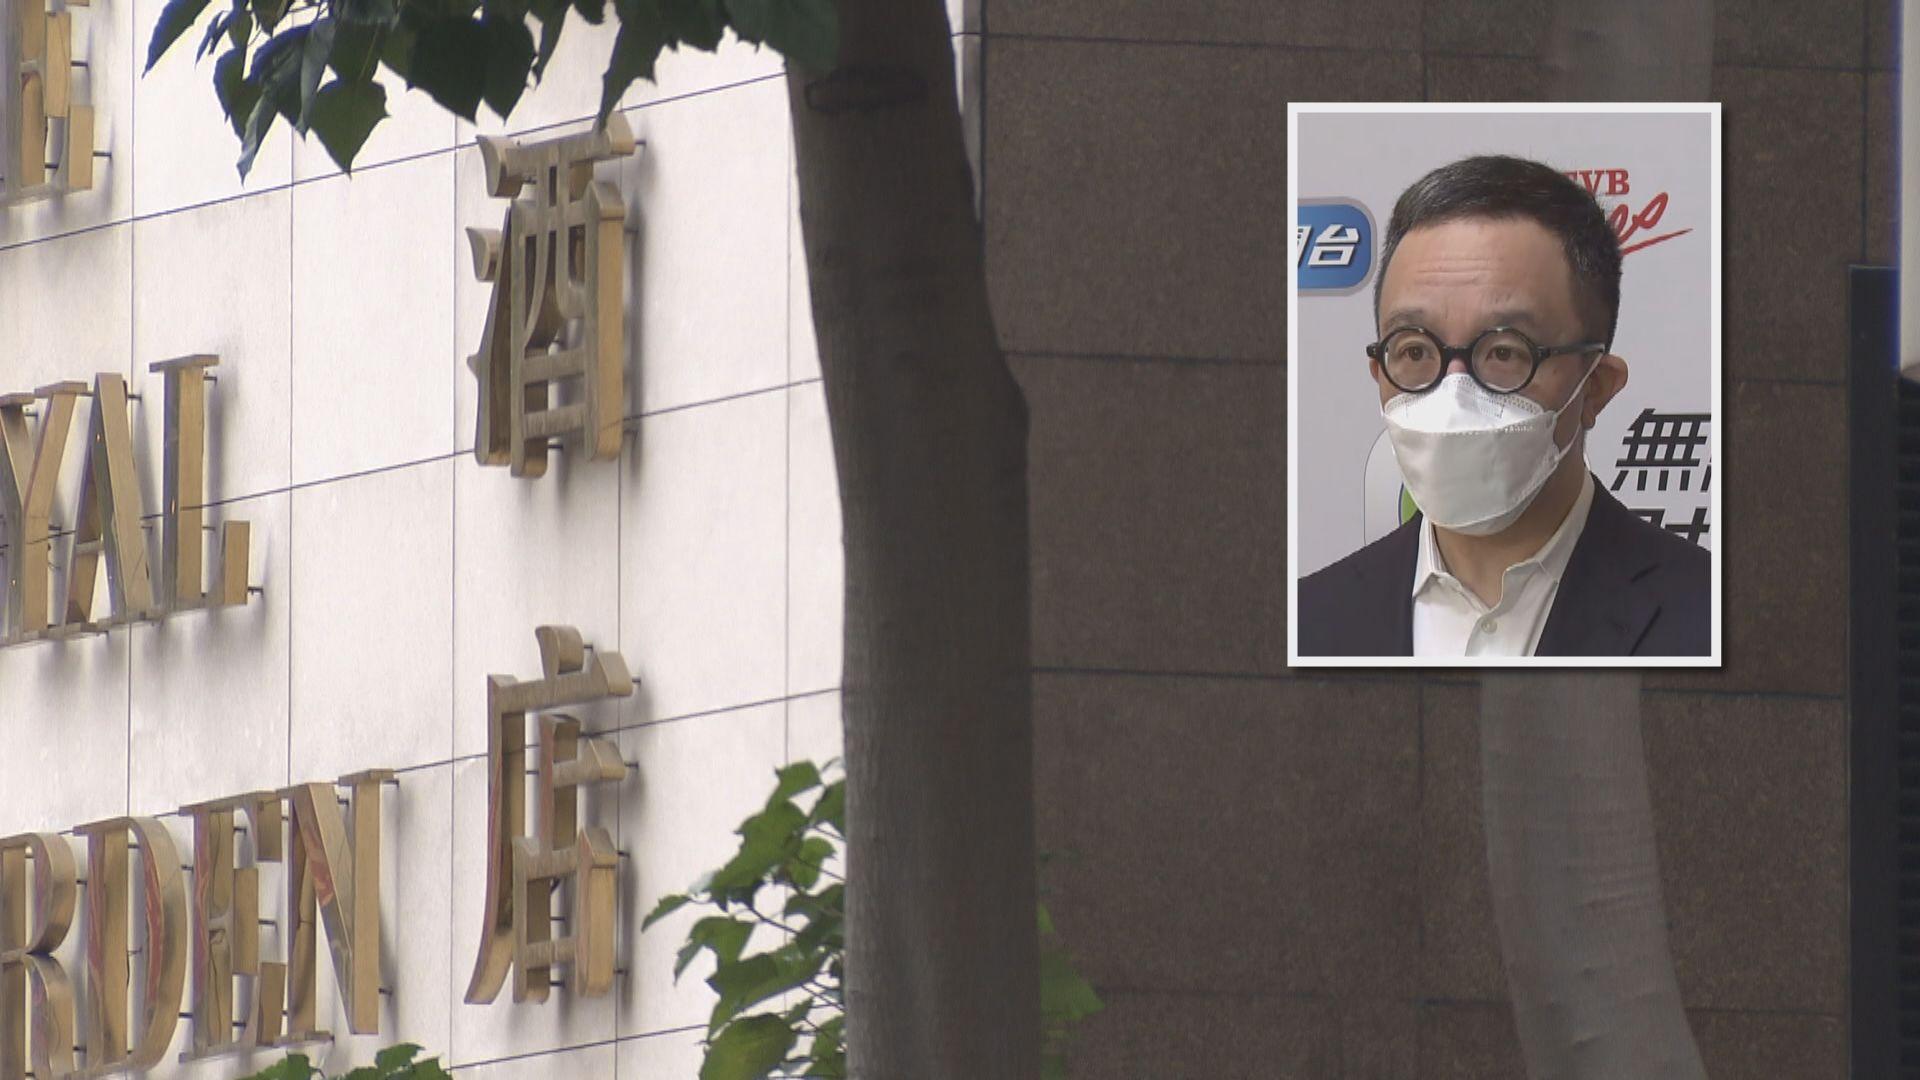 梁卓偉:之前酒店檢疫政策有漏洞致新病毒株於社區傳播